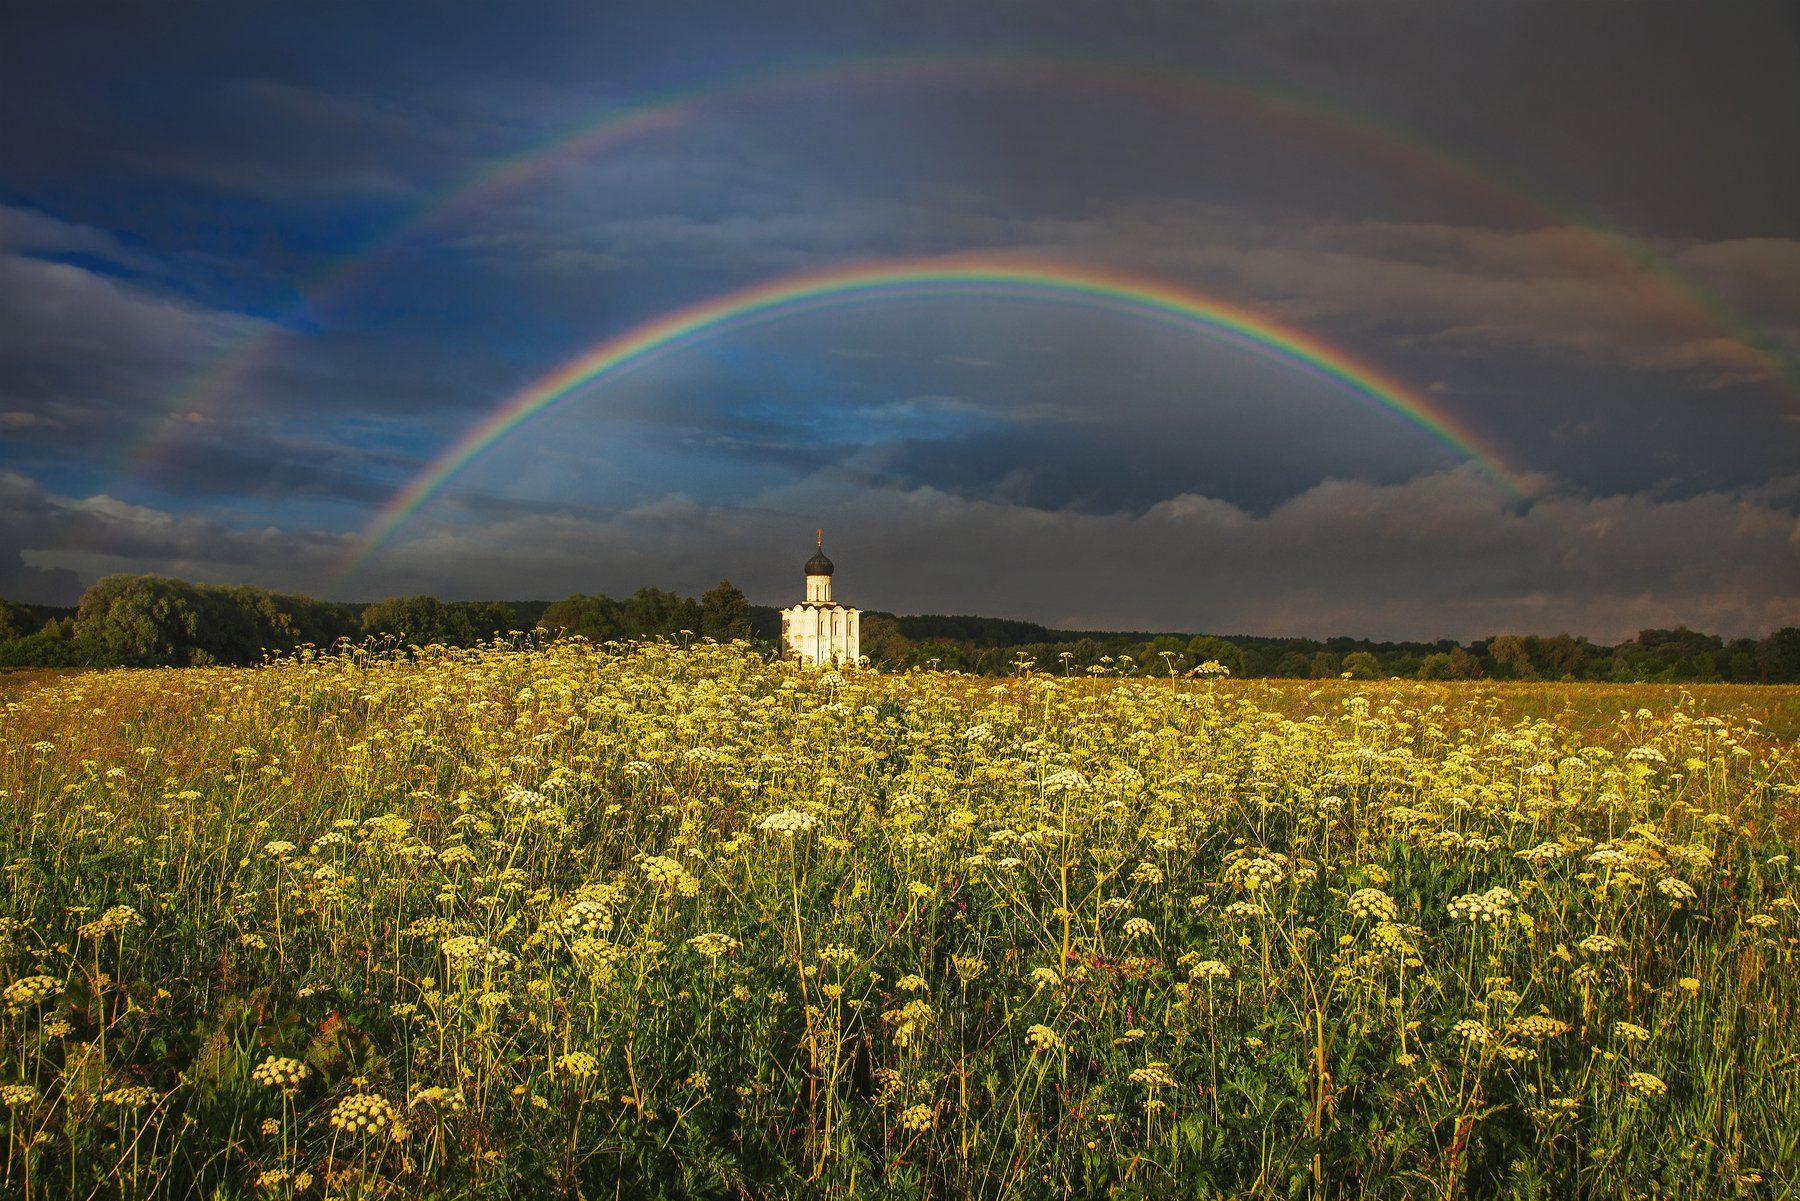 фото, природа, закат, радуга, гроза, церковь, Екатерина